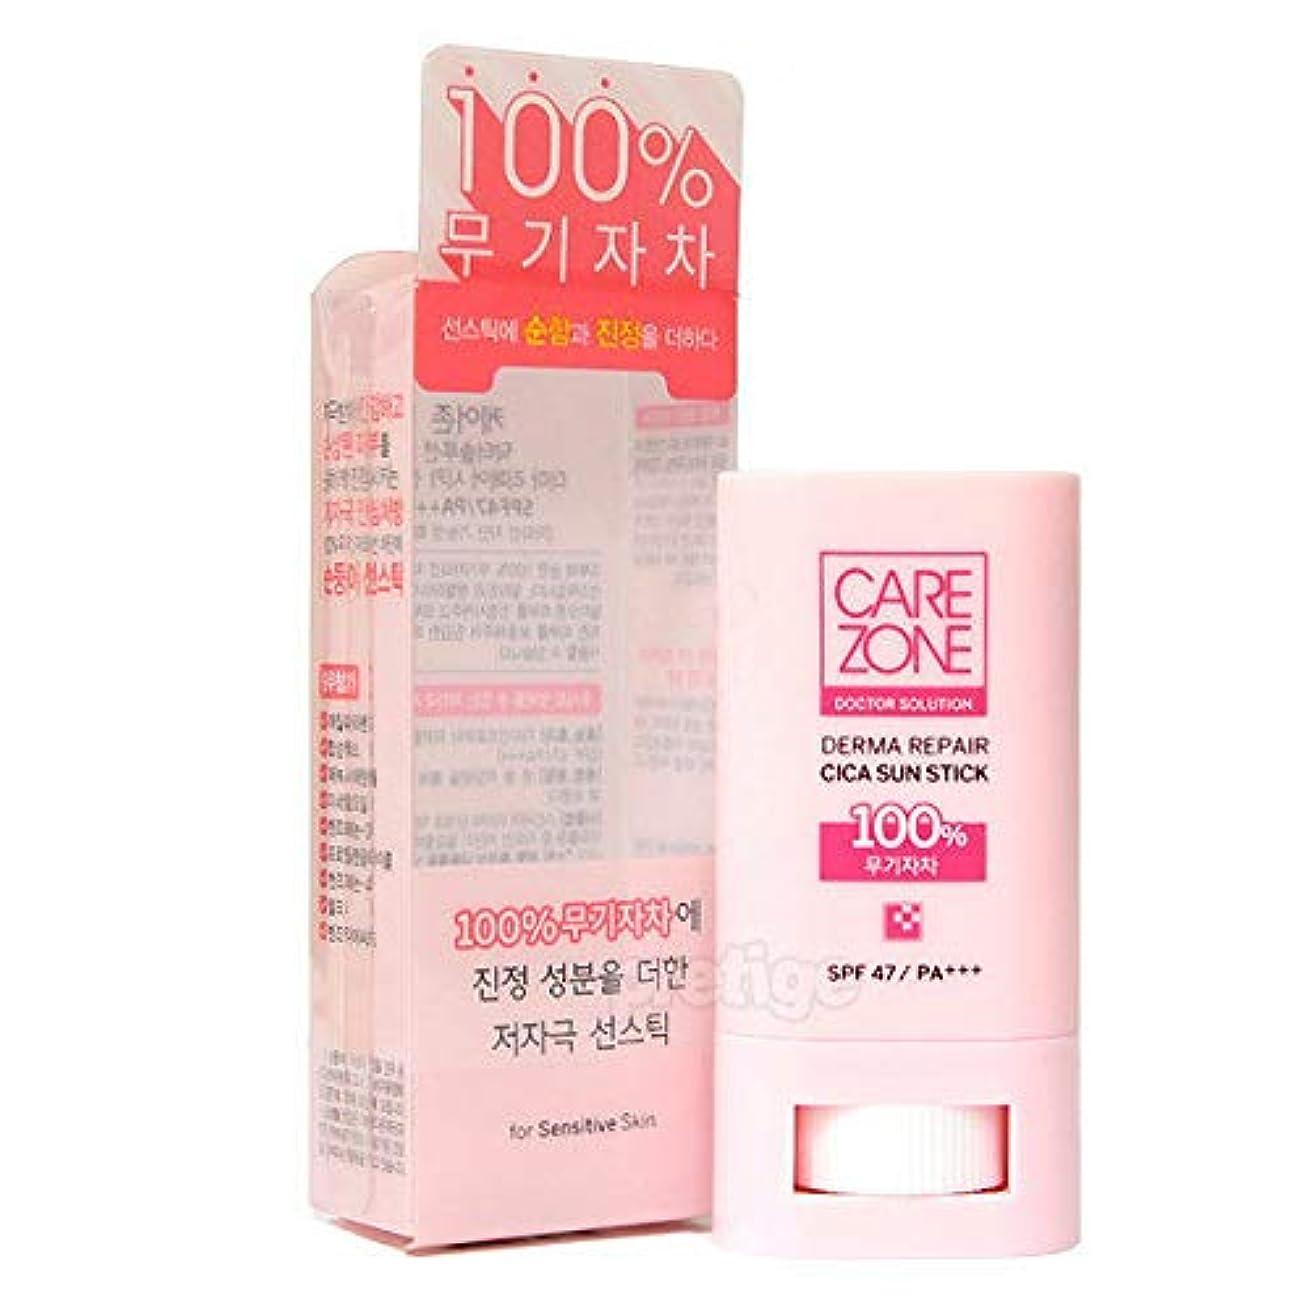 さまようオフセットしみCAREZONE ケアゾーン Doctor Solution Derma Repair Cica Sun Stick サンスティック (20g) SPF47/PA+++ CARE ZONE